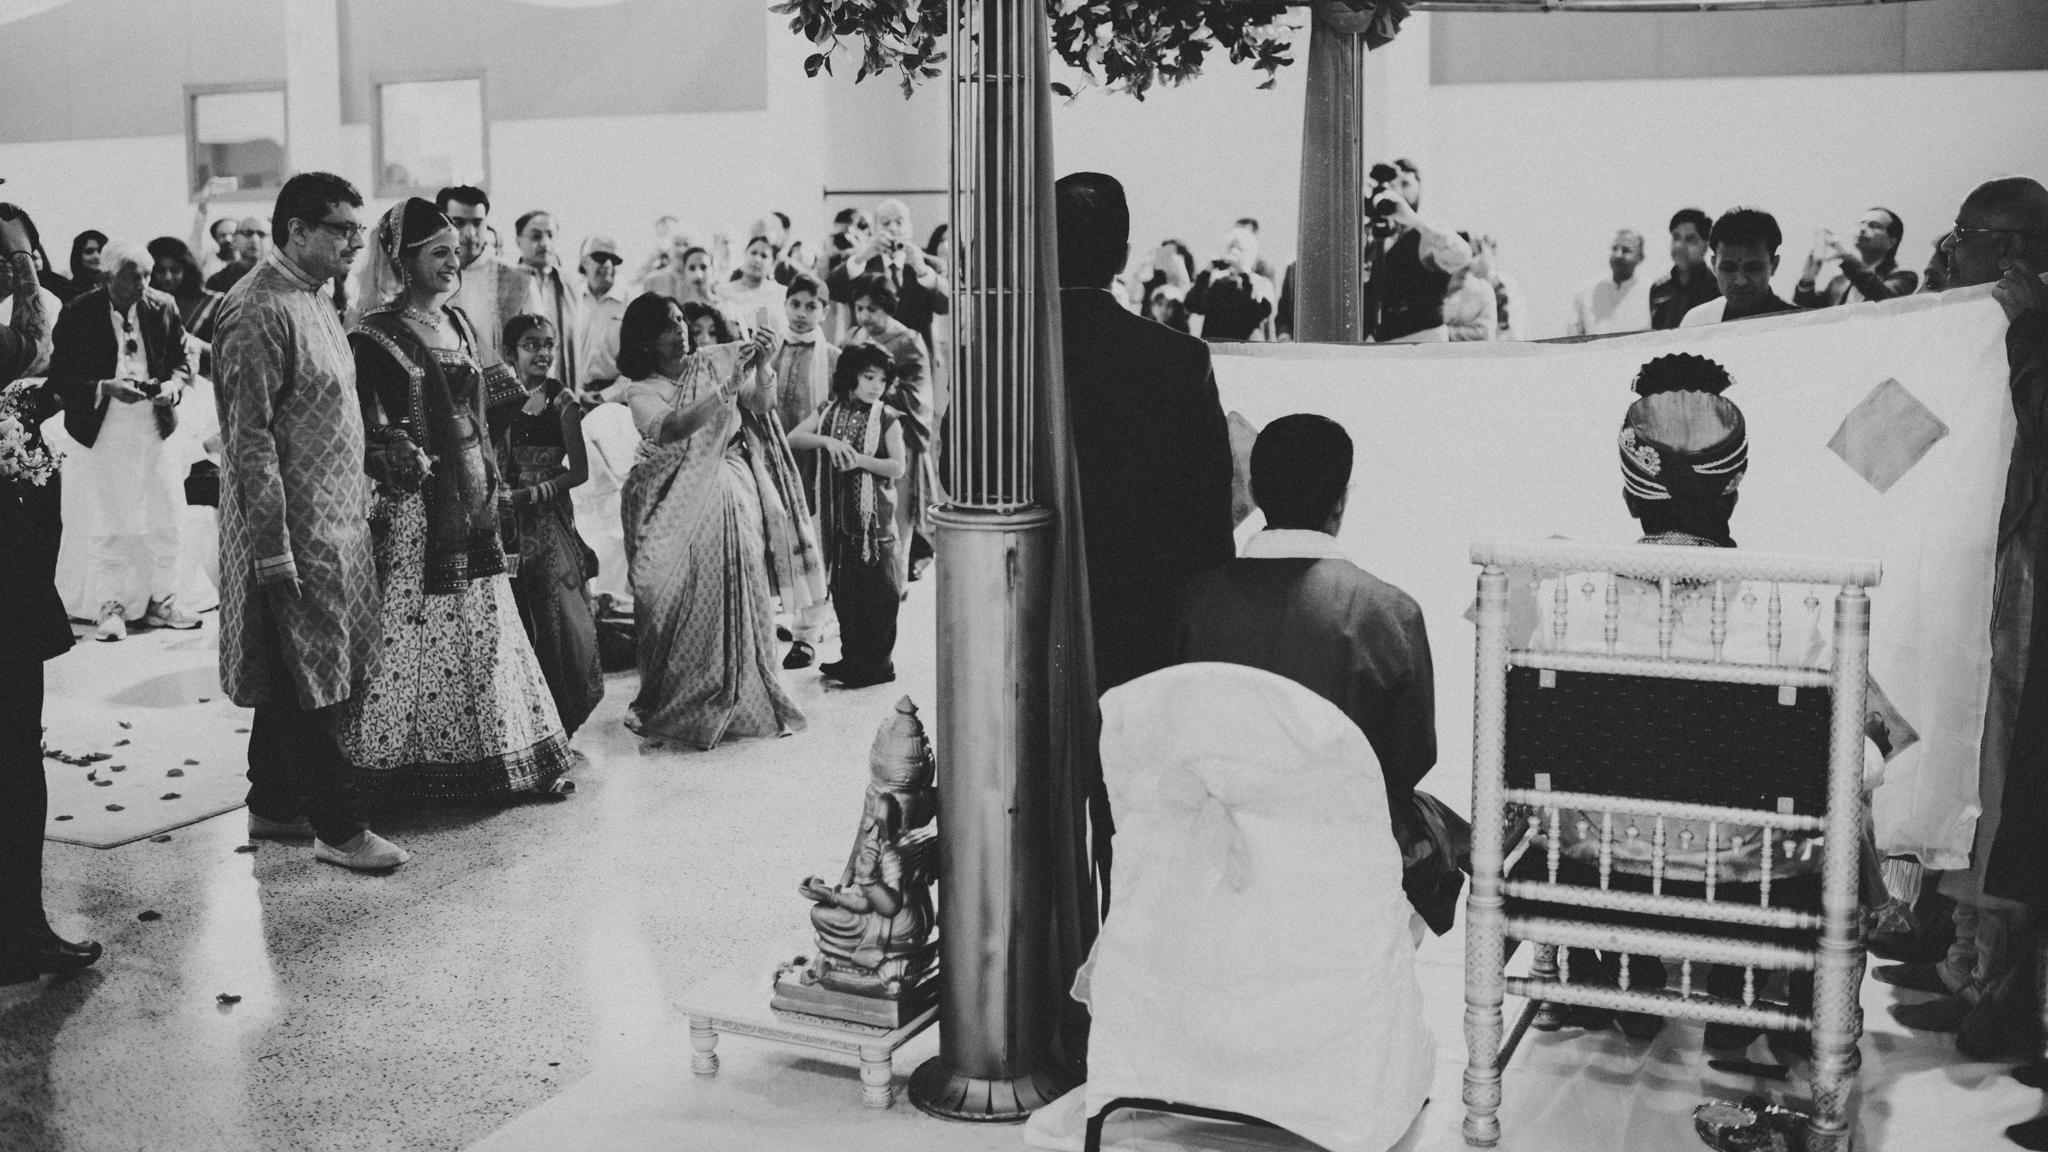 orlando_wedding_photographer_florida_gian_carlo_photography_030.jpg